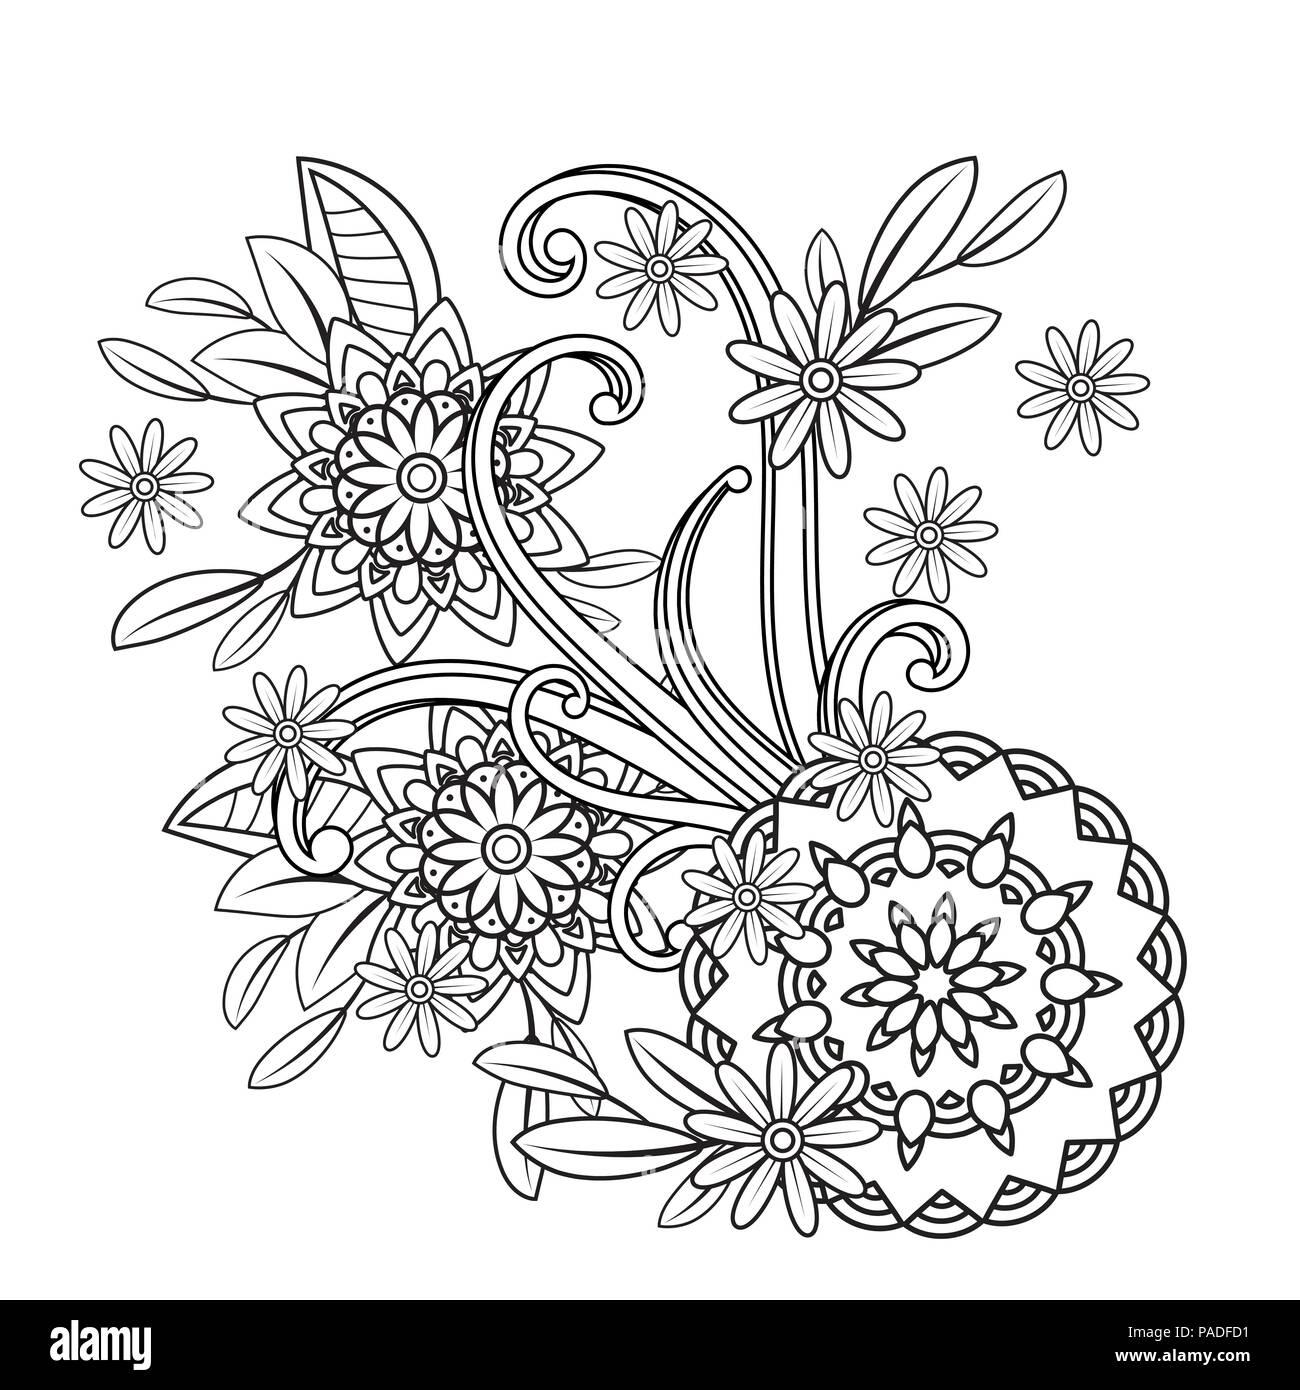 Des Profils Coloriage Avec Motif Fleurs Doodle Noir Et Blanc Floral Mandala Vector Illustration Art Ligne Bouquet Isole Sur Fond Blanc Image Vectorielle Stock Alamy